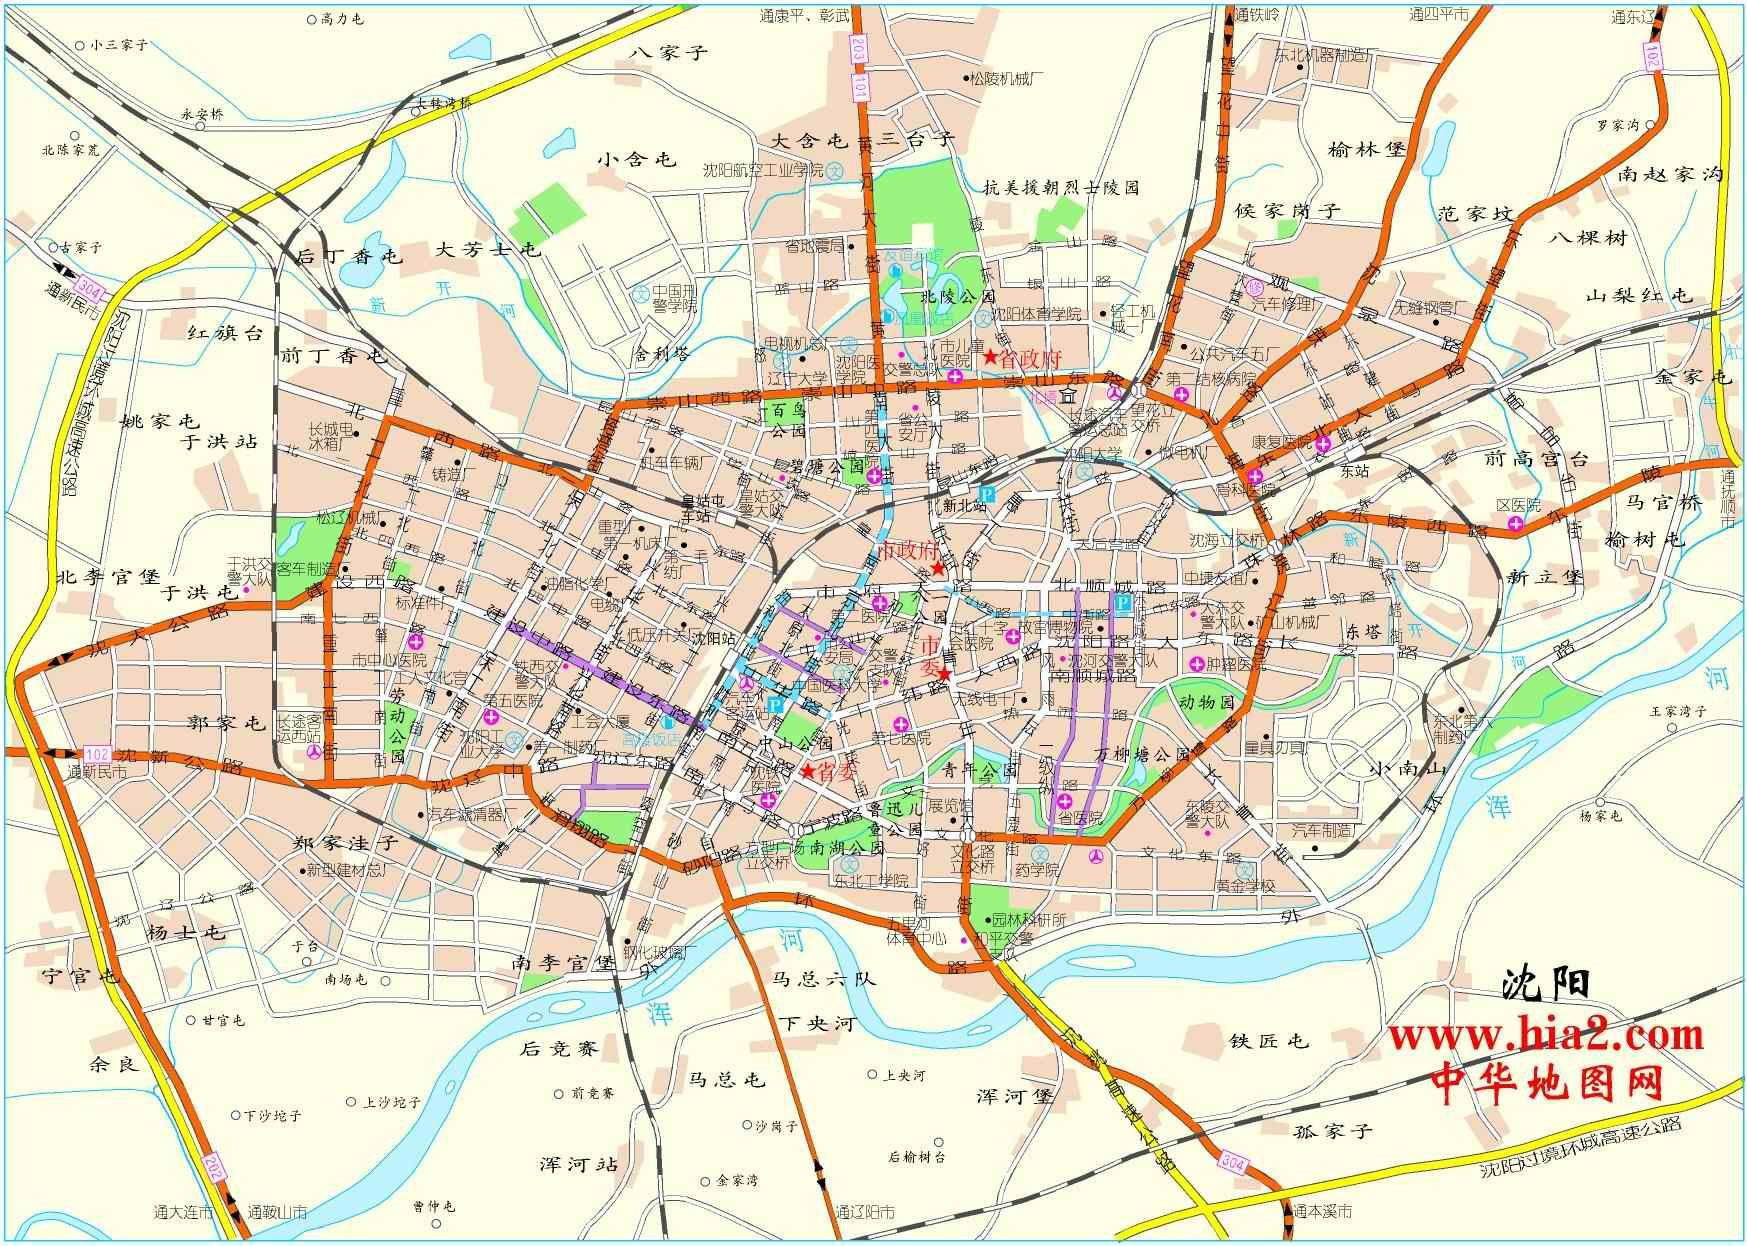 沈阳市区地图